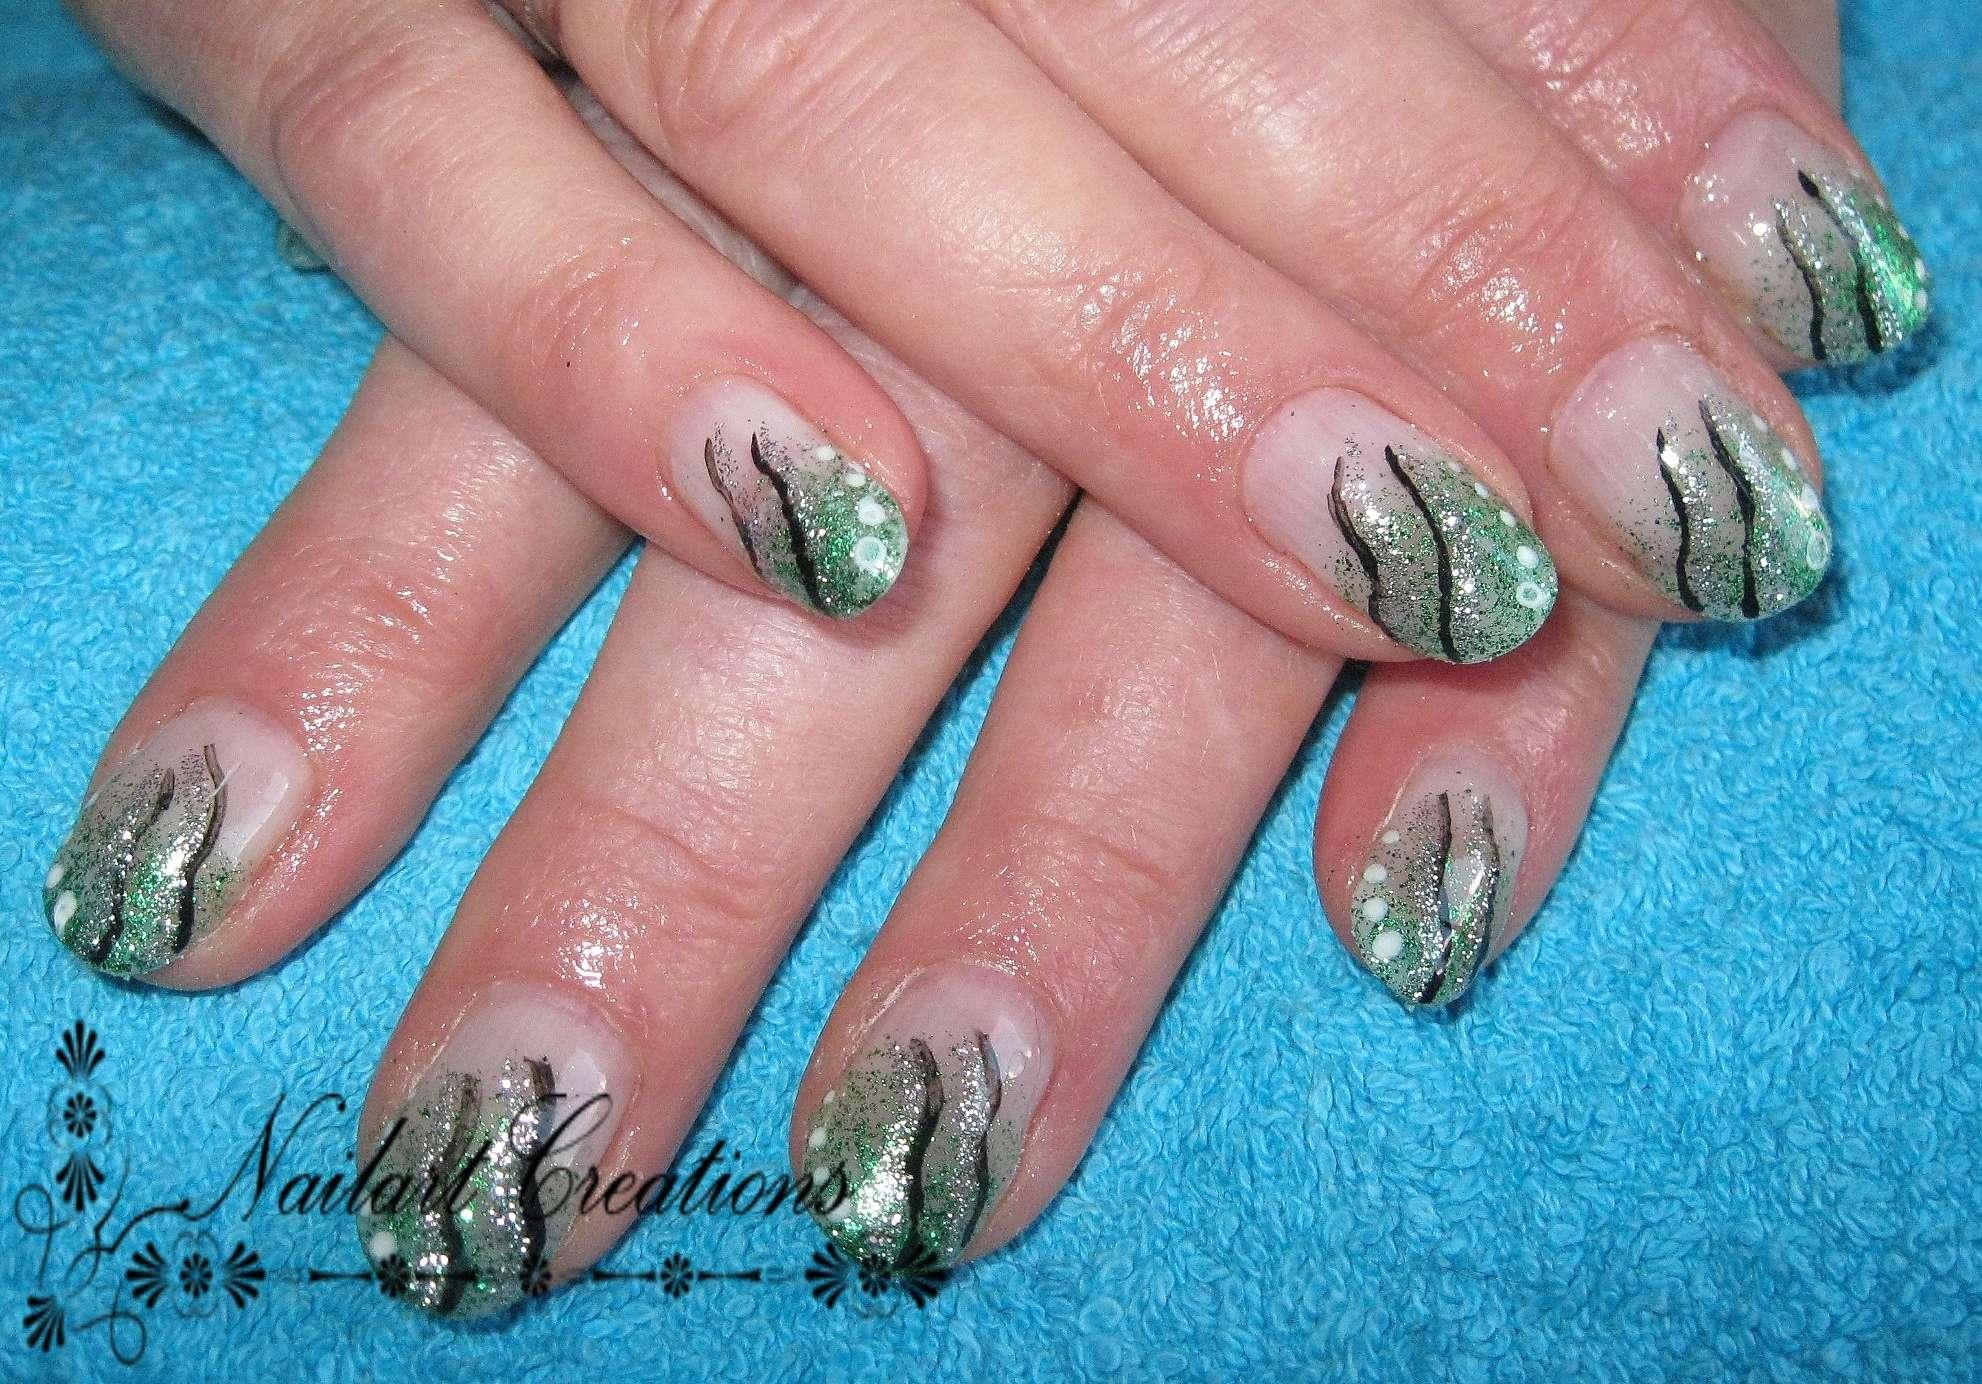 Nailart Creations Gelnagels Green Glitter Nailart